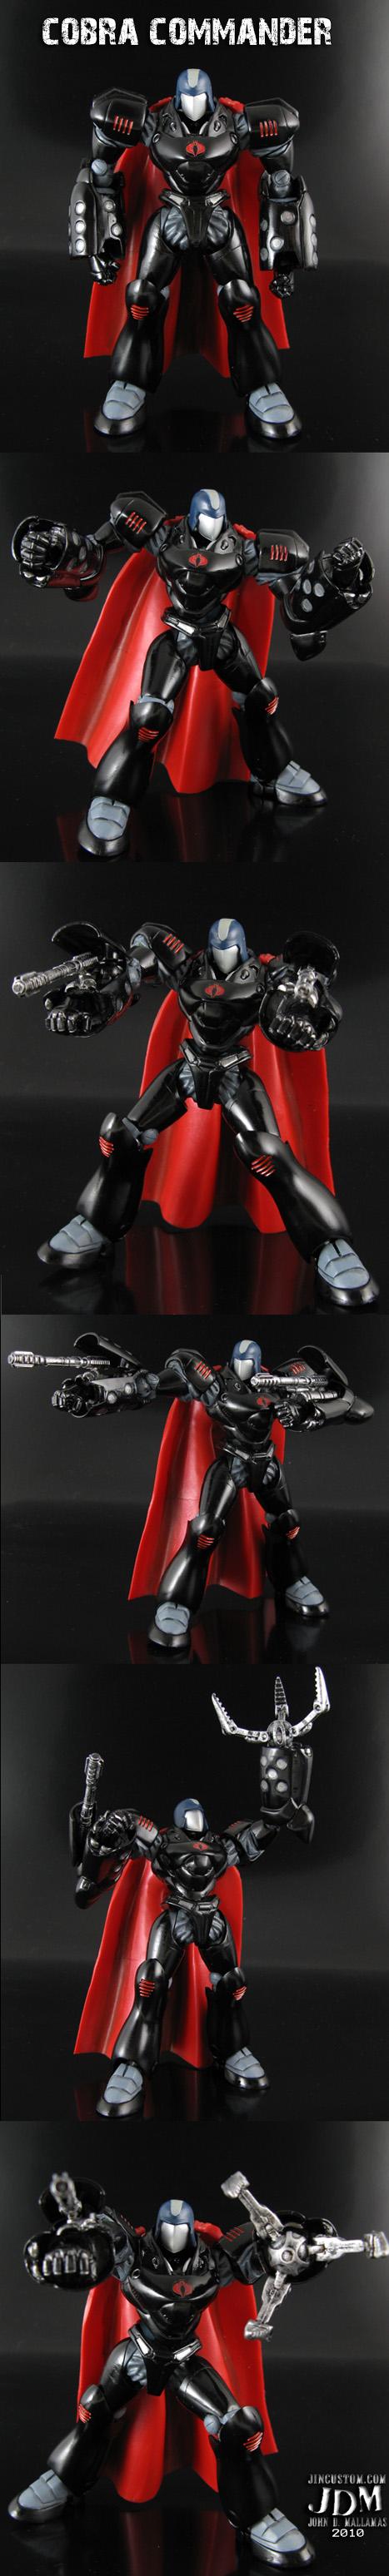 Custom Power Armor Cobra Commander